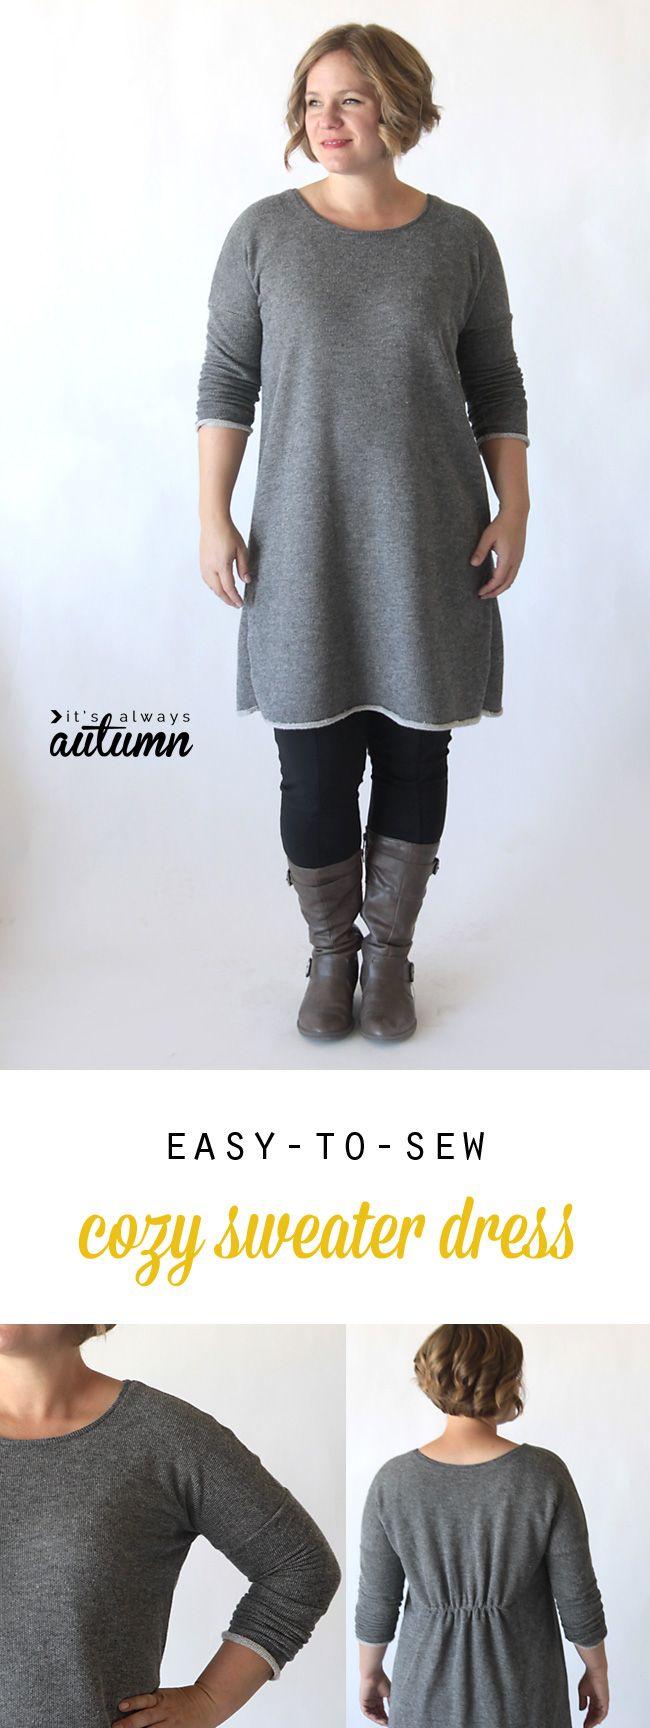 Adaptación de un patrón de camiseta a vestido